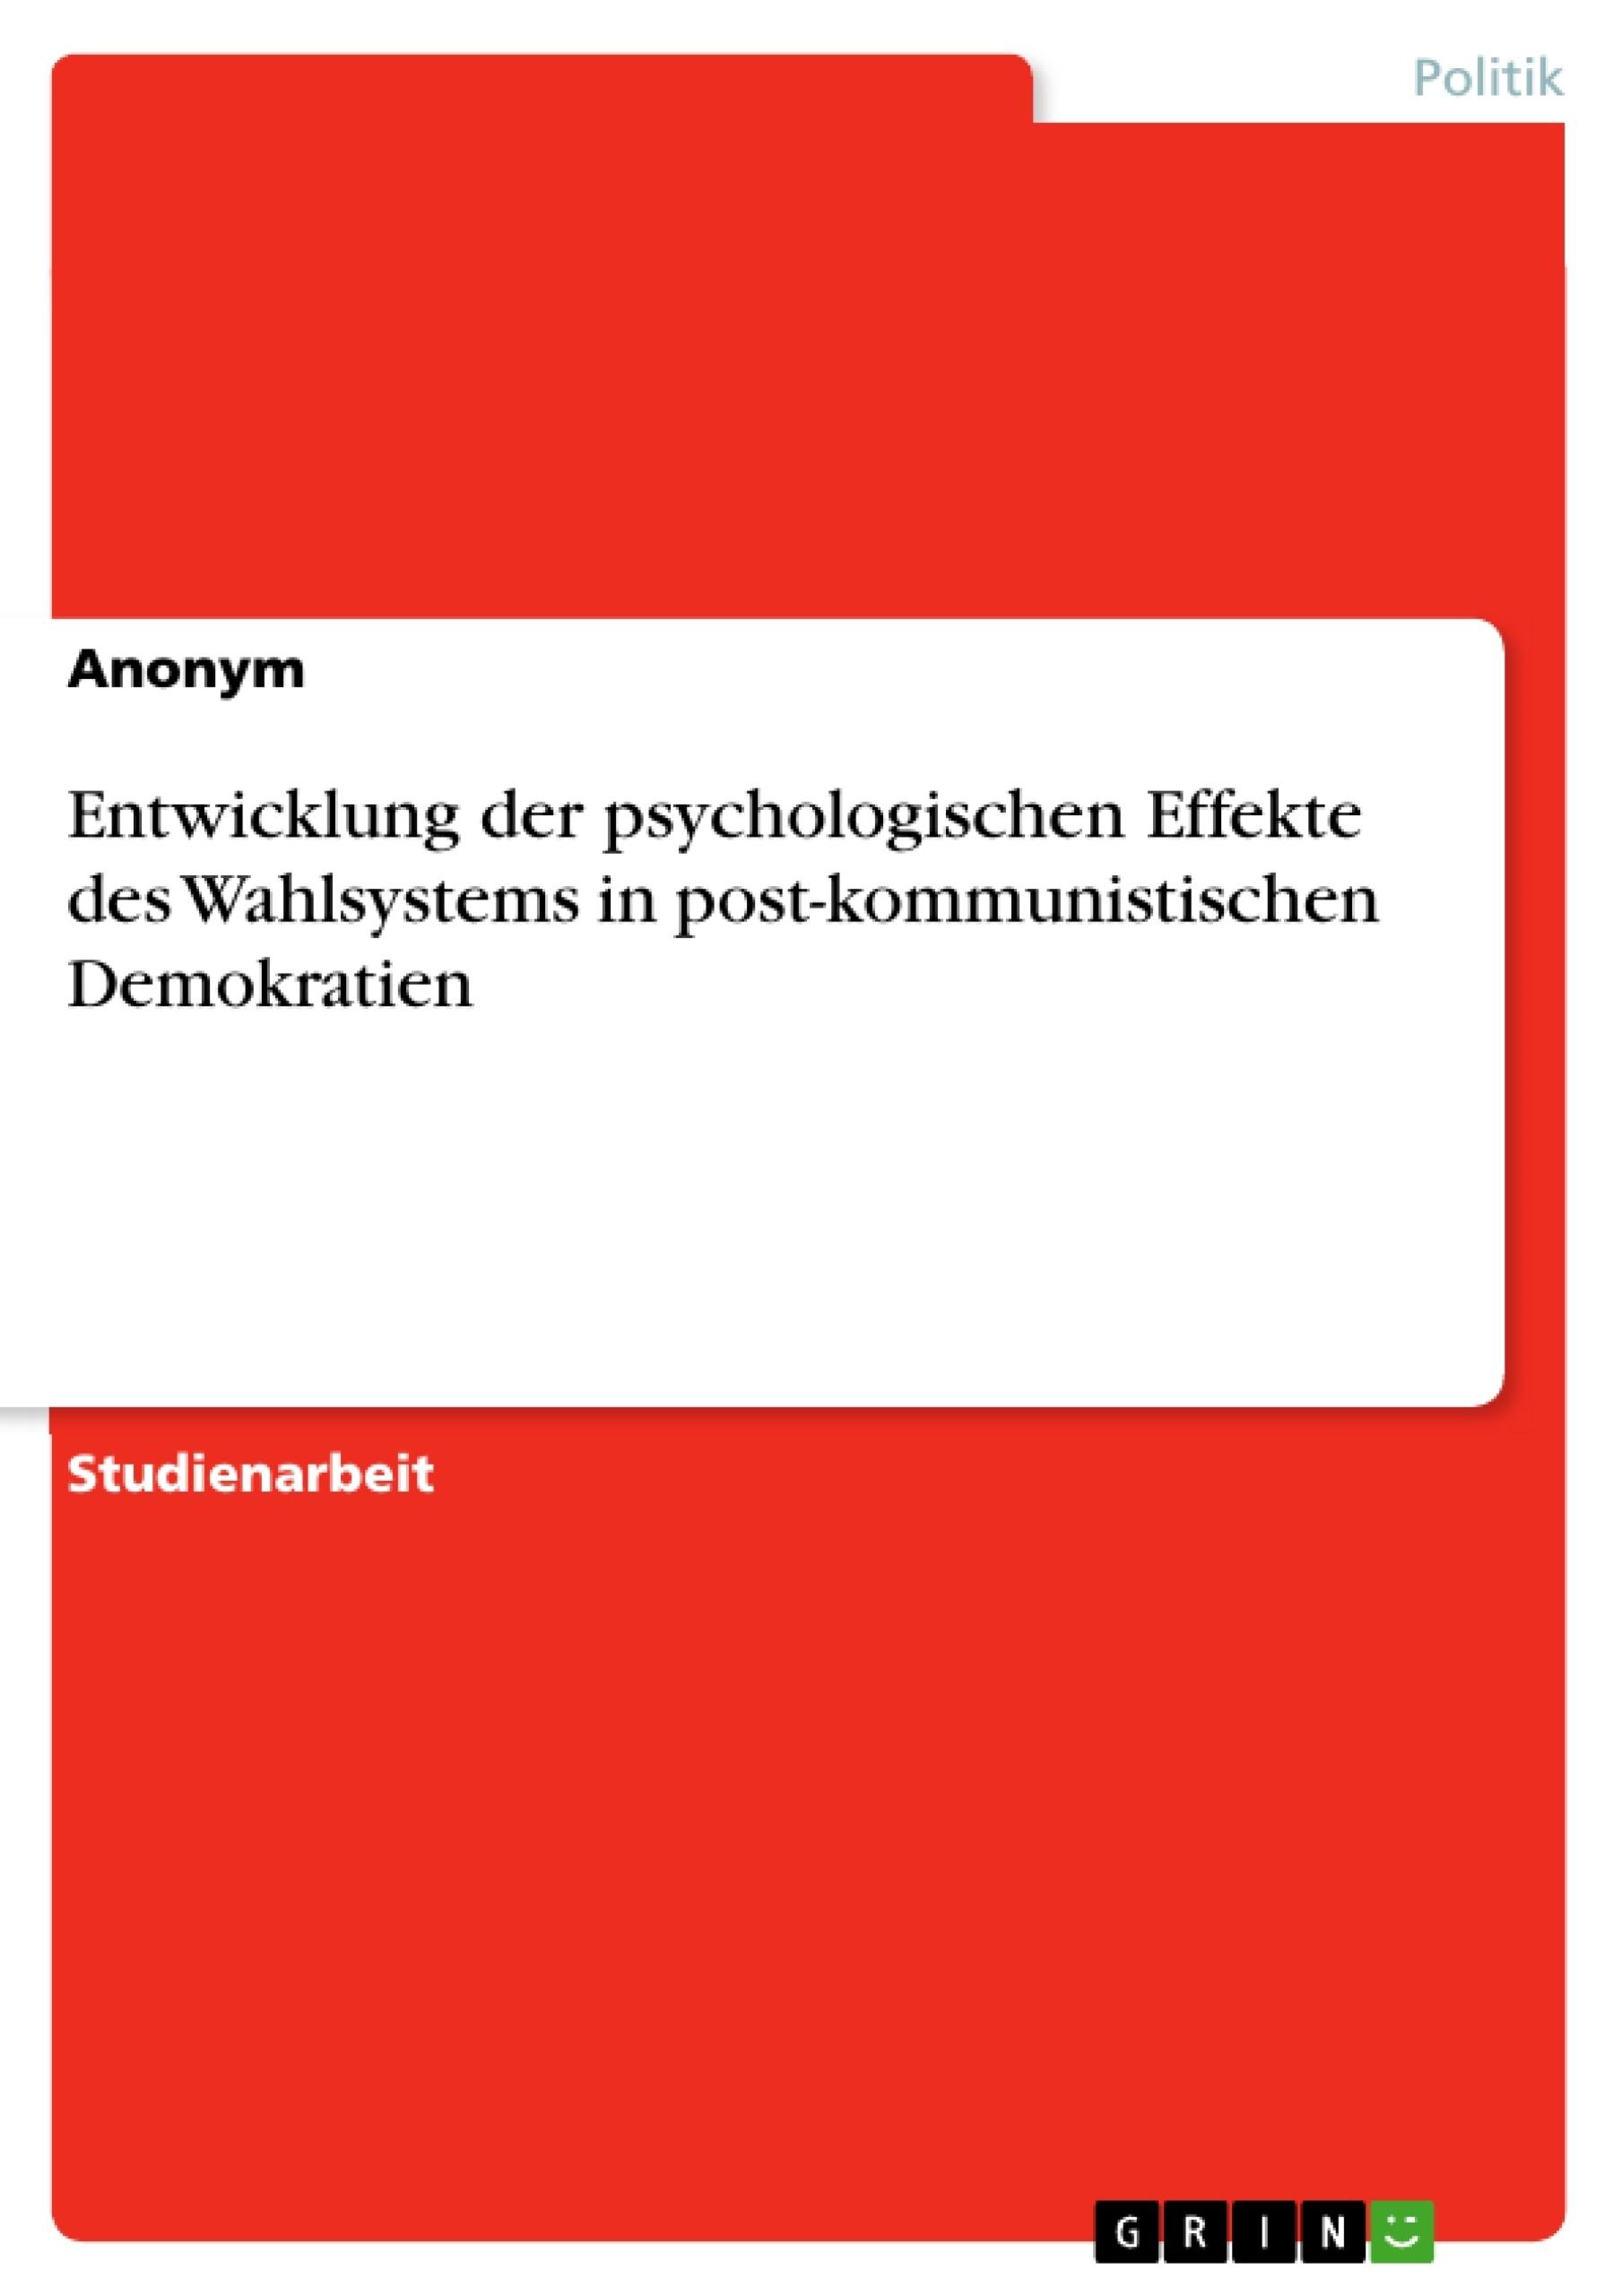 Titel: Entwicklung der psychologischen Effekte des Wahlsystems in post-kommunistischen  Demokratien